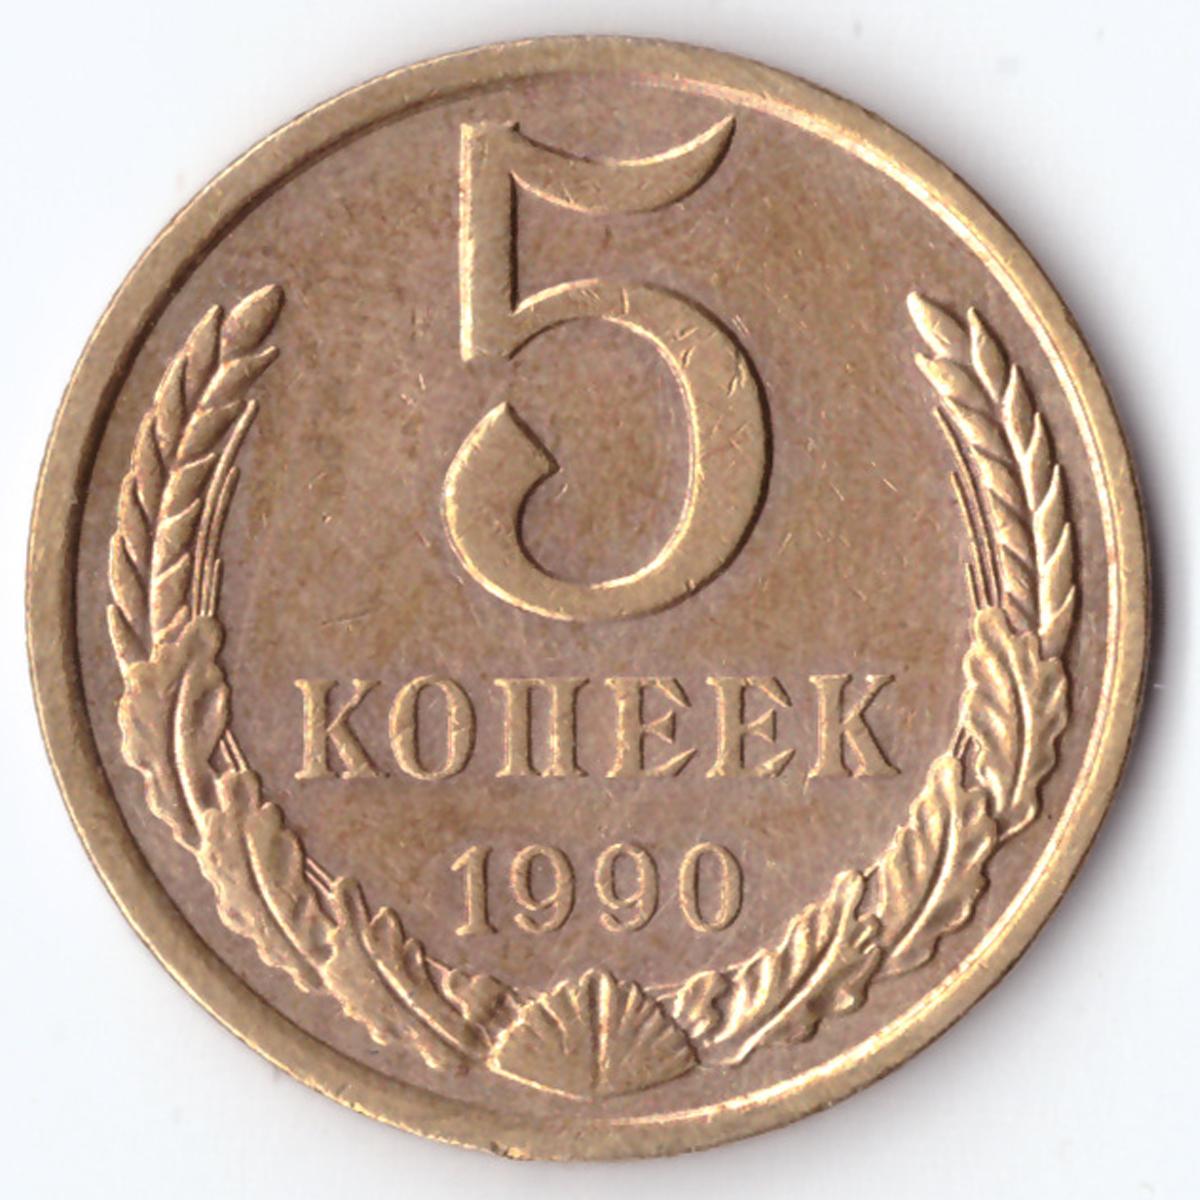 5 копеек 1990 года. Разновидность (Шт. А). Под второй буквой